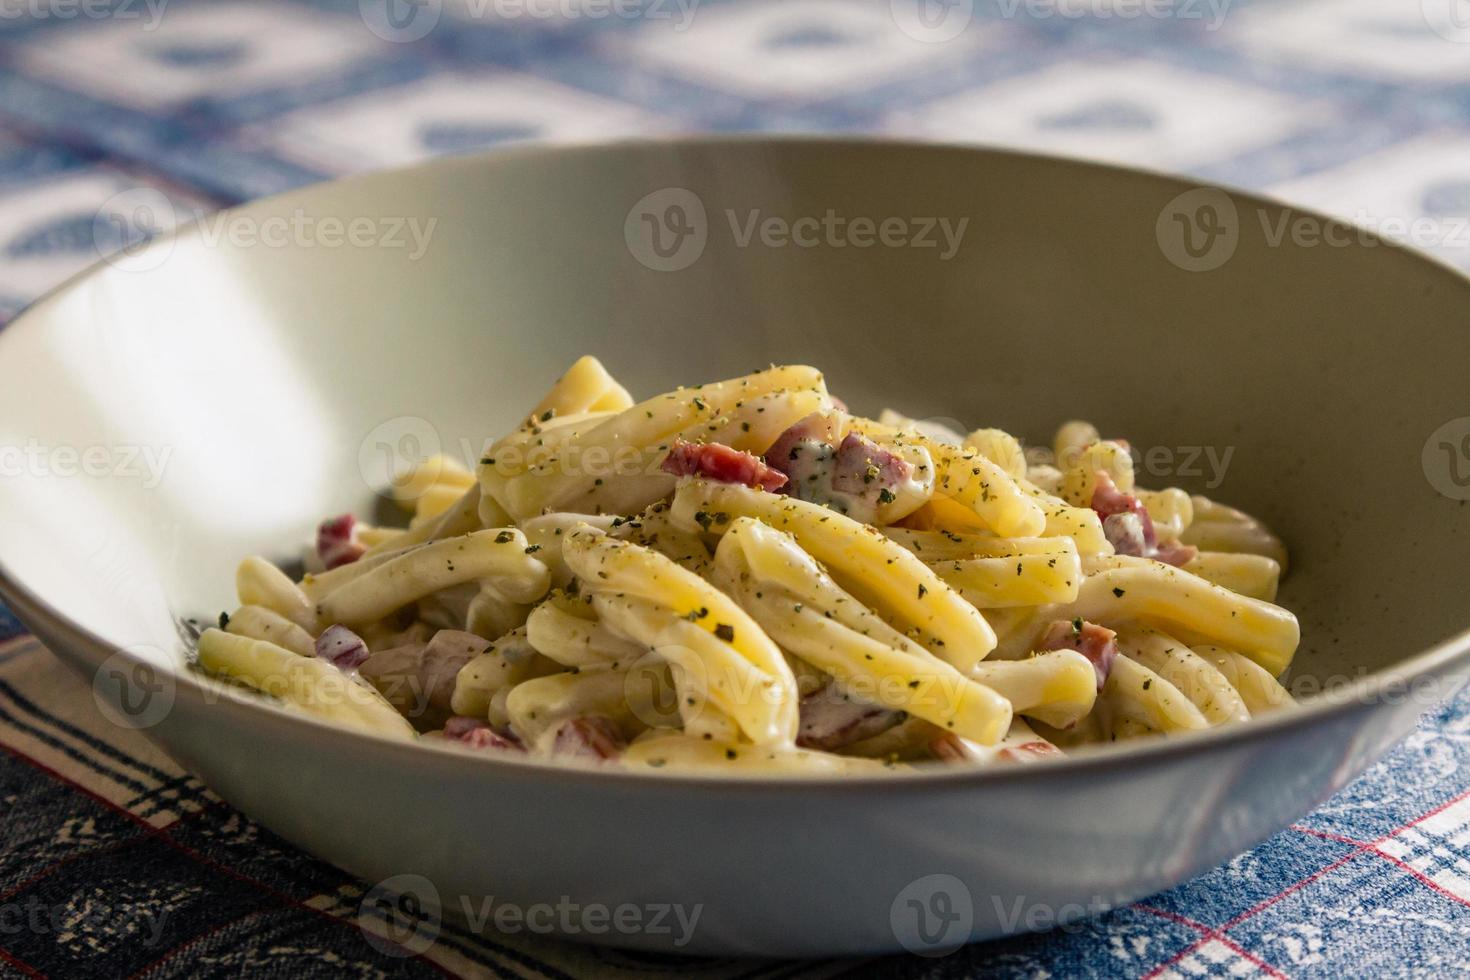 pasta italiana fatta a mano, speck e salsa gorgonzola foto